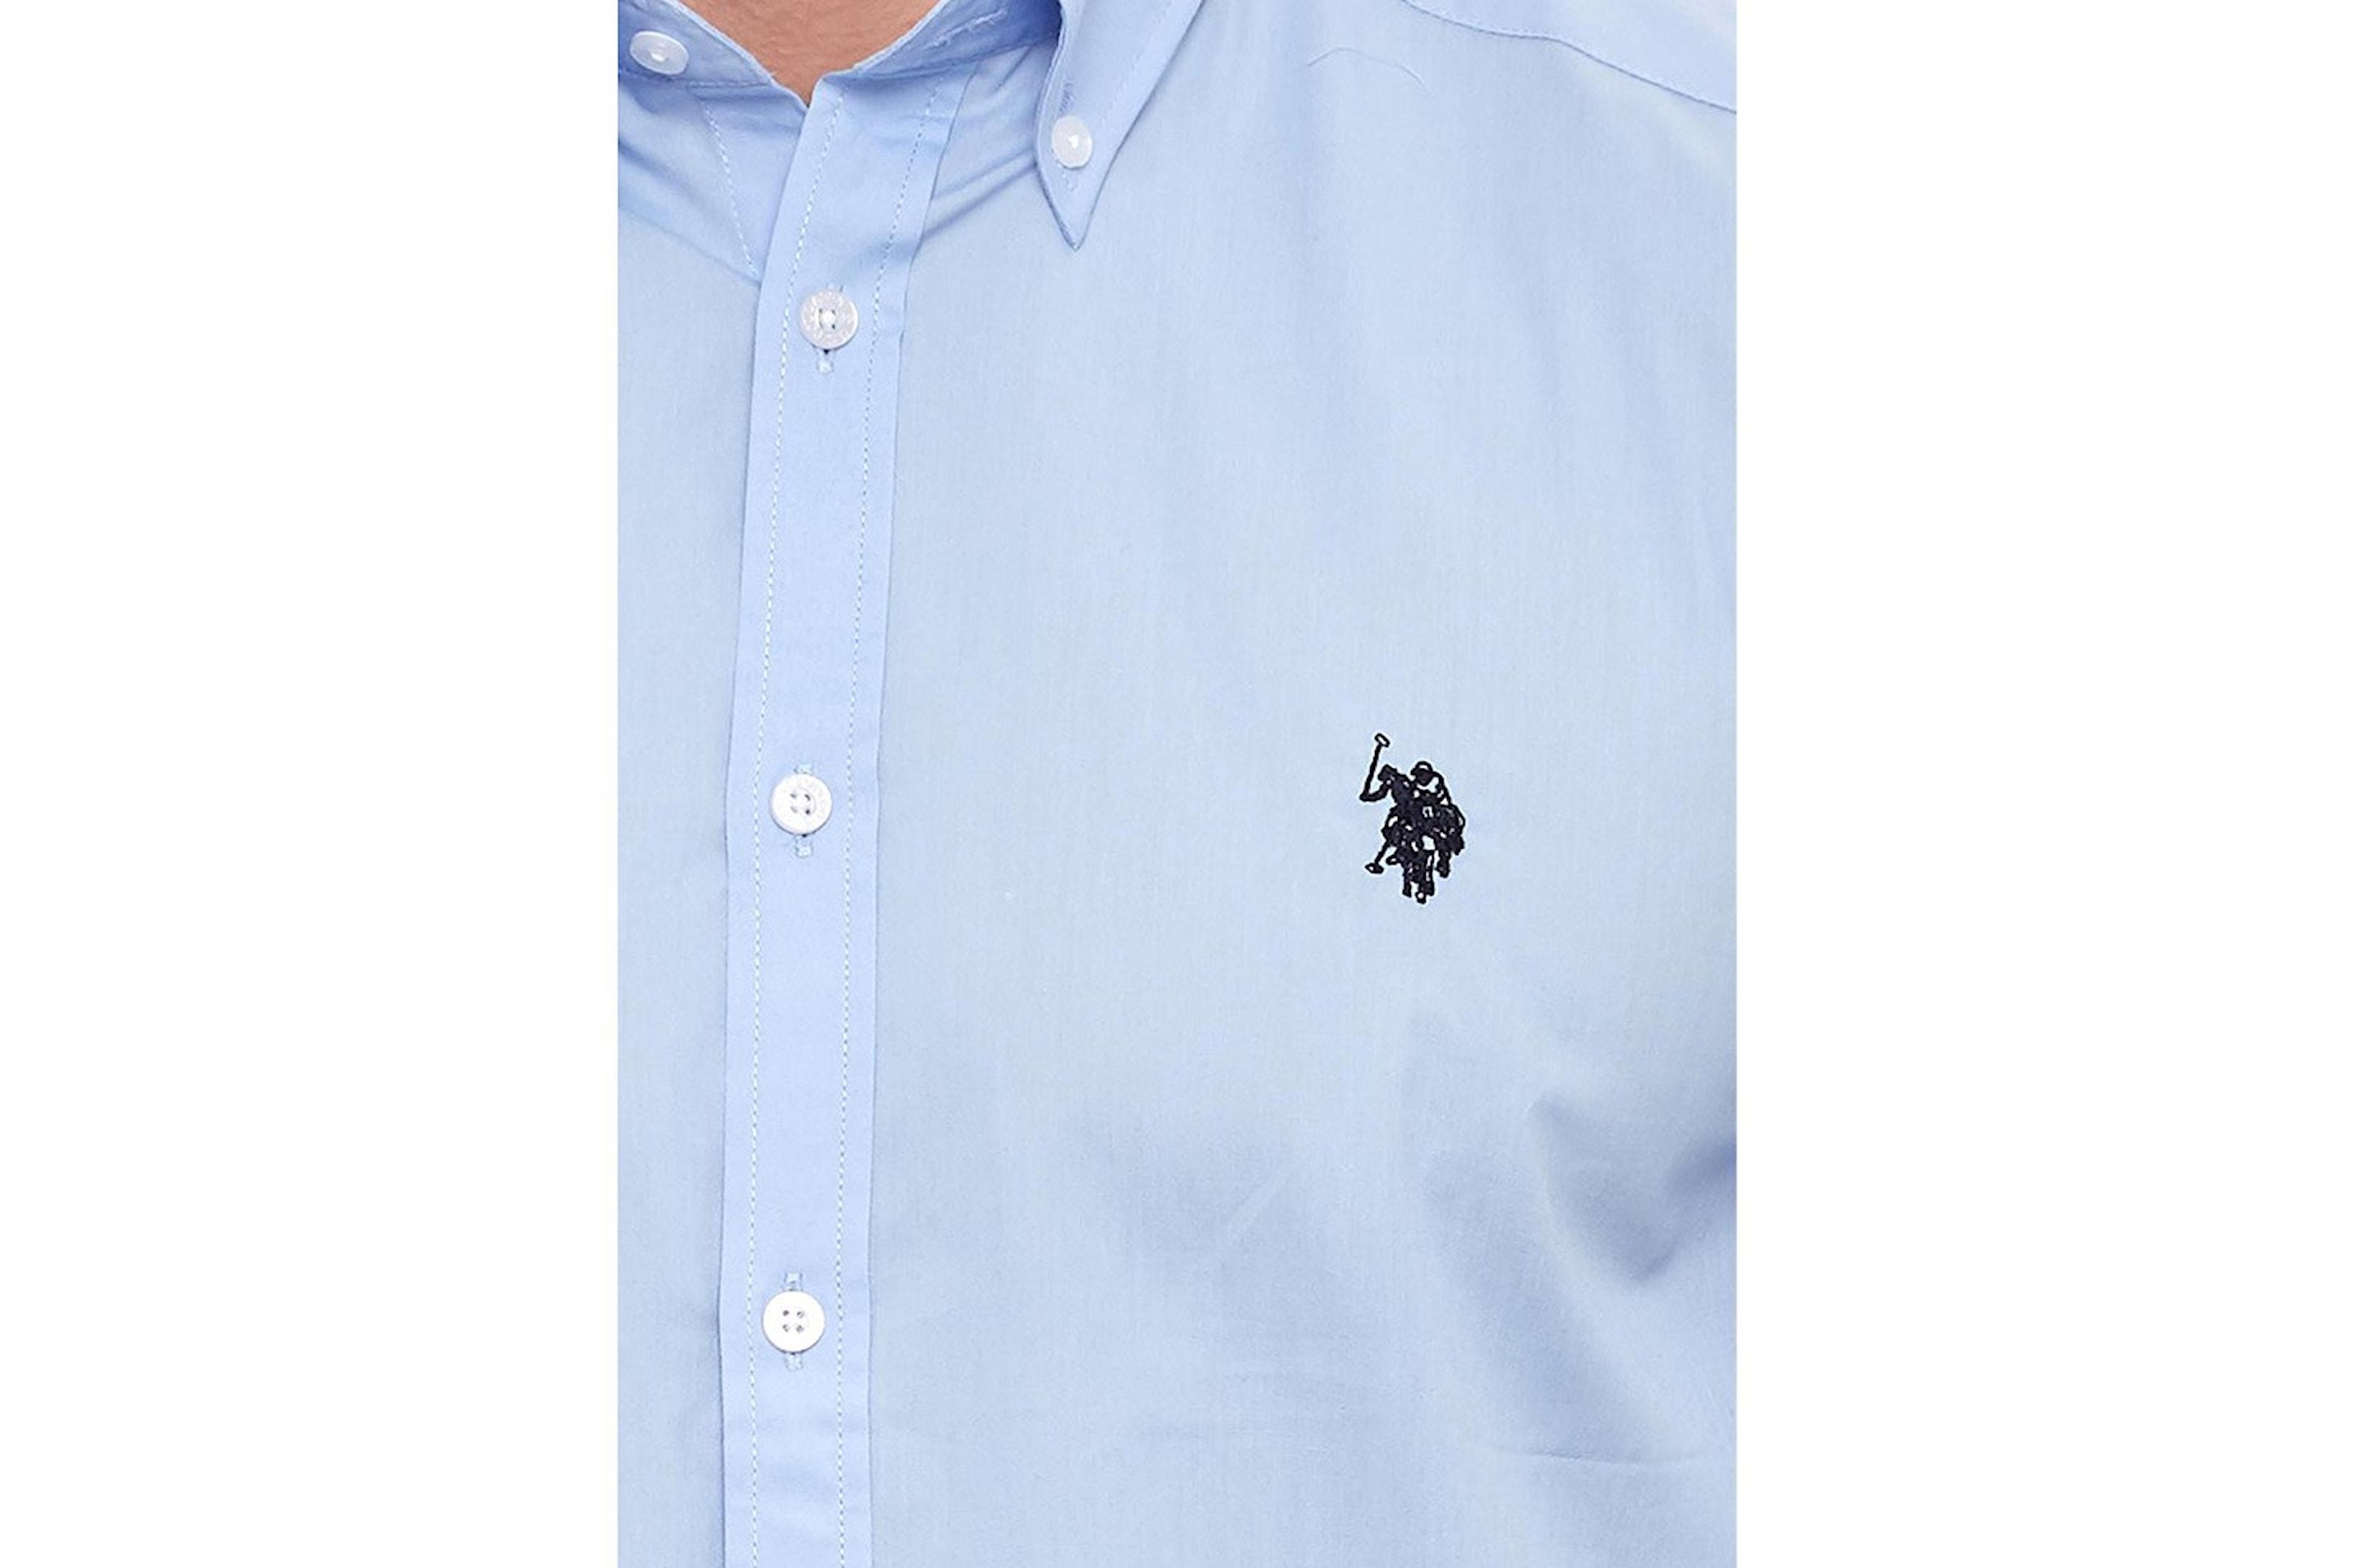 Skjorte fra US Polo